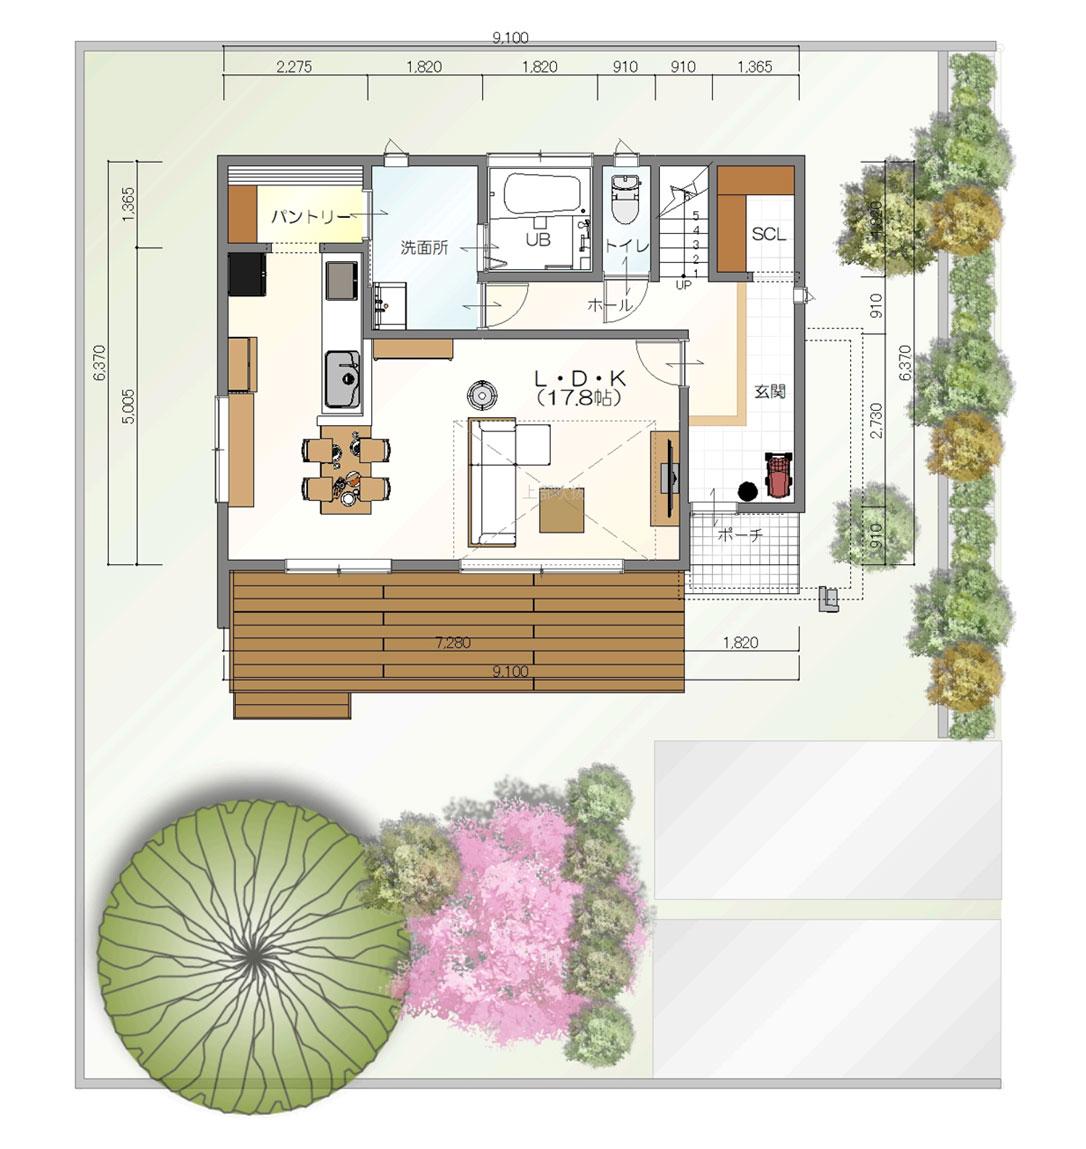 注文住宅ご提案プラン例4 1階間取り図(平面図)